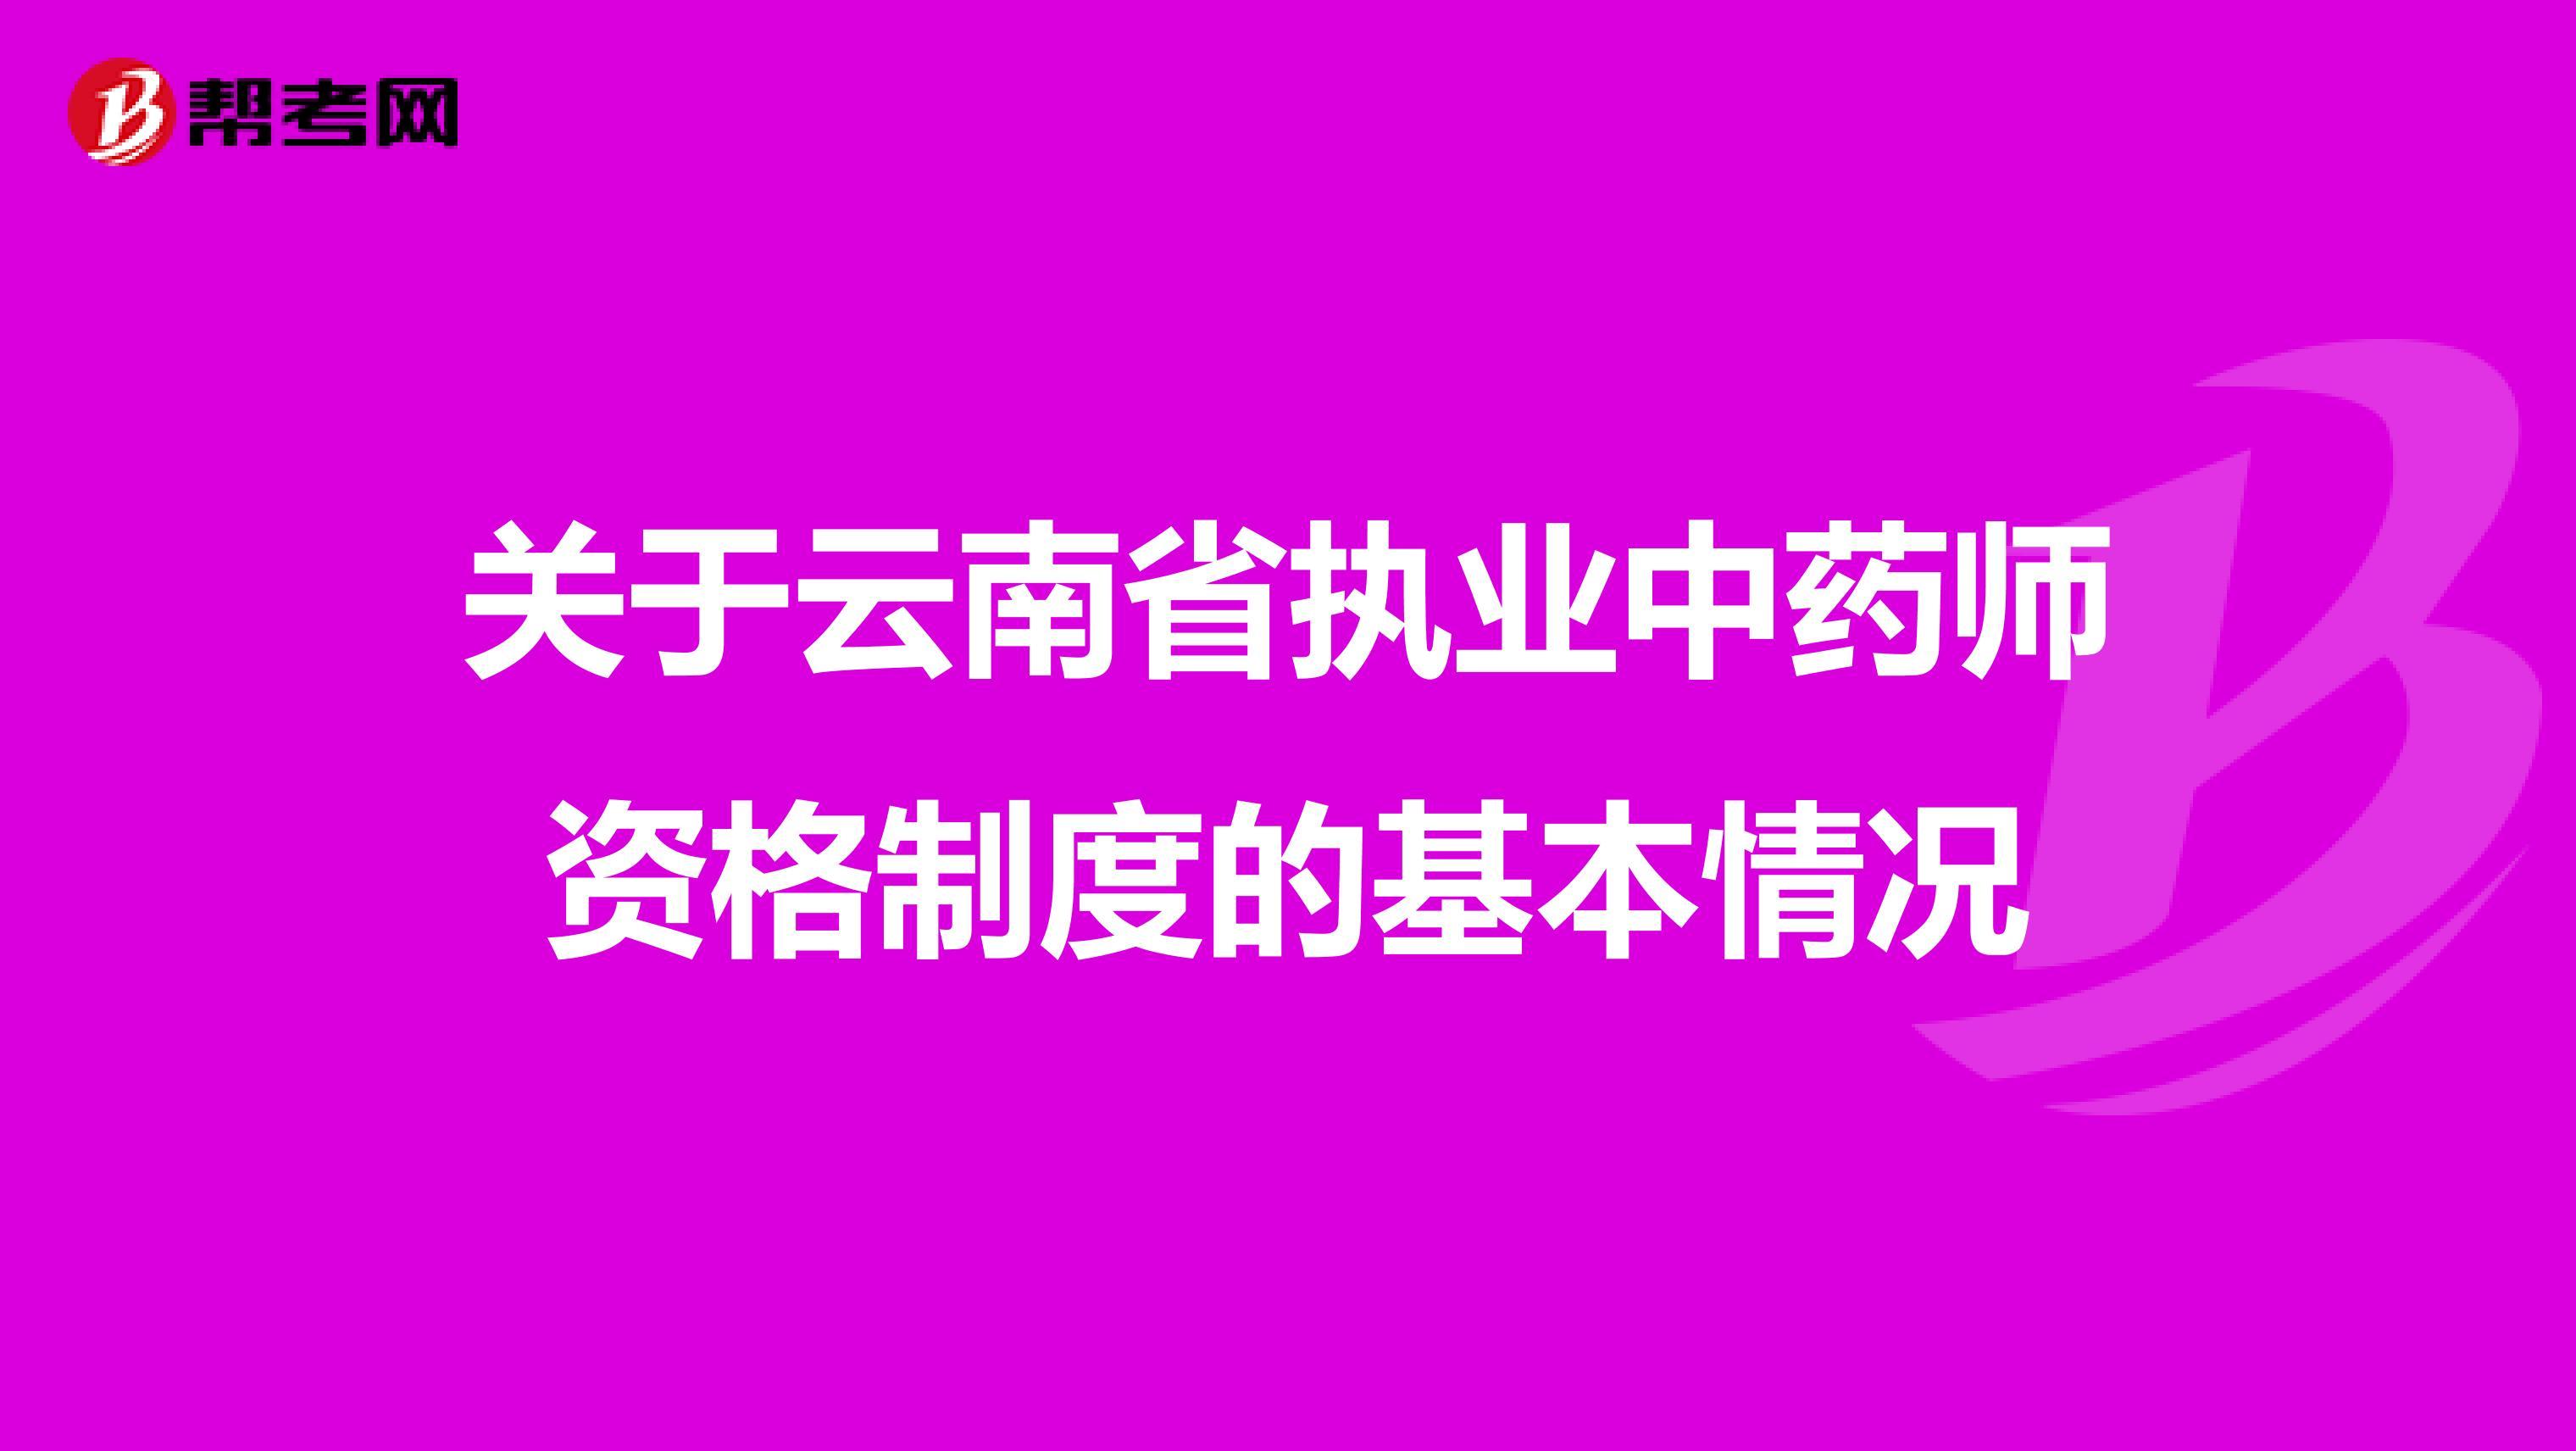 關于云南省執業中藥師資格制度的基本情況